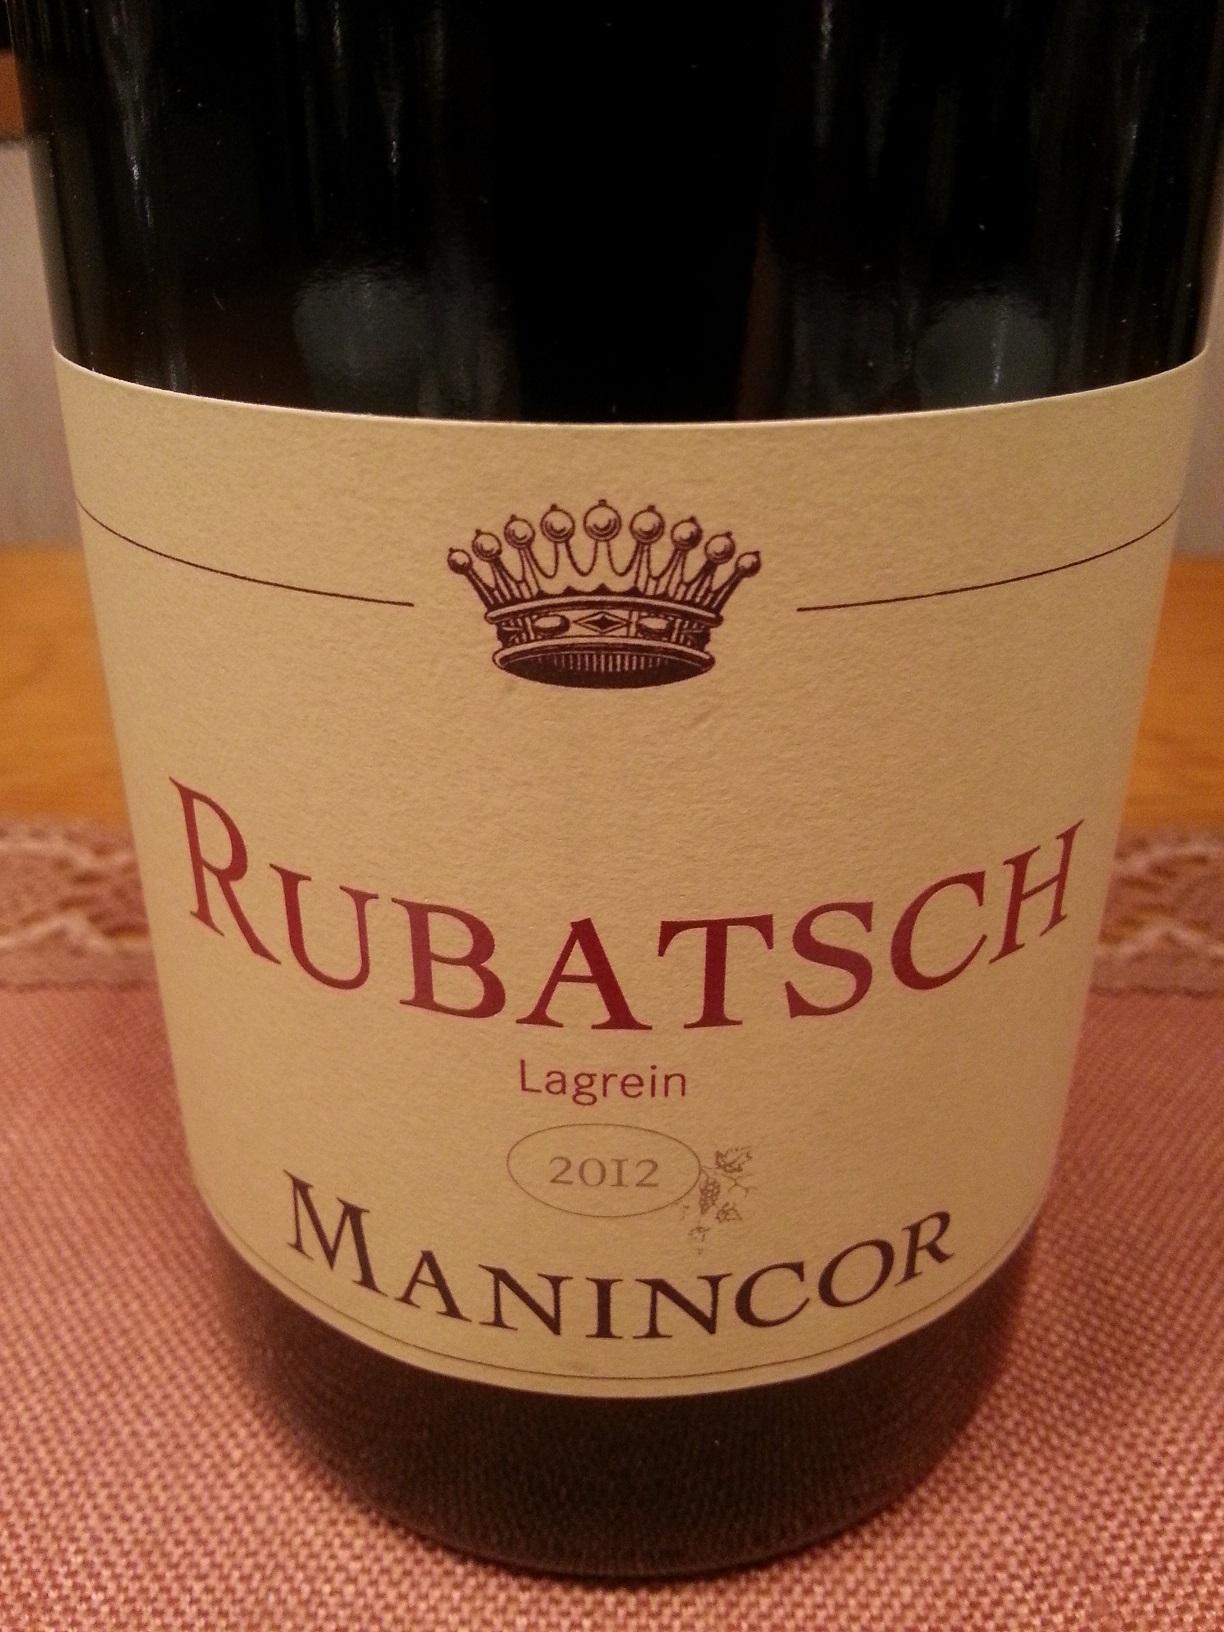 2012 Lagrein Rubatsch | Manincor